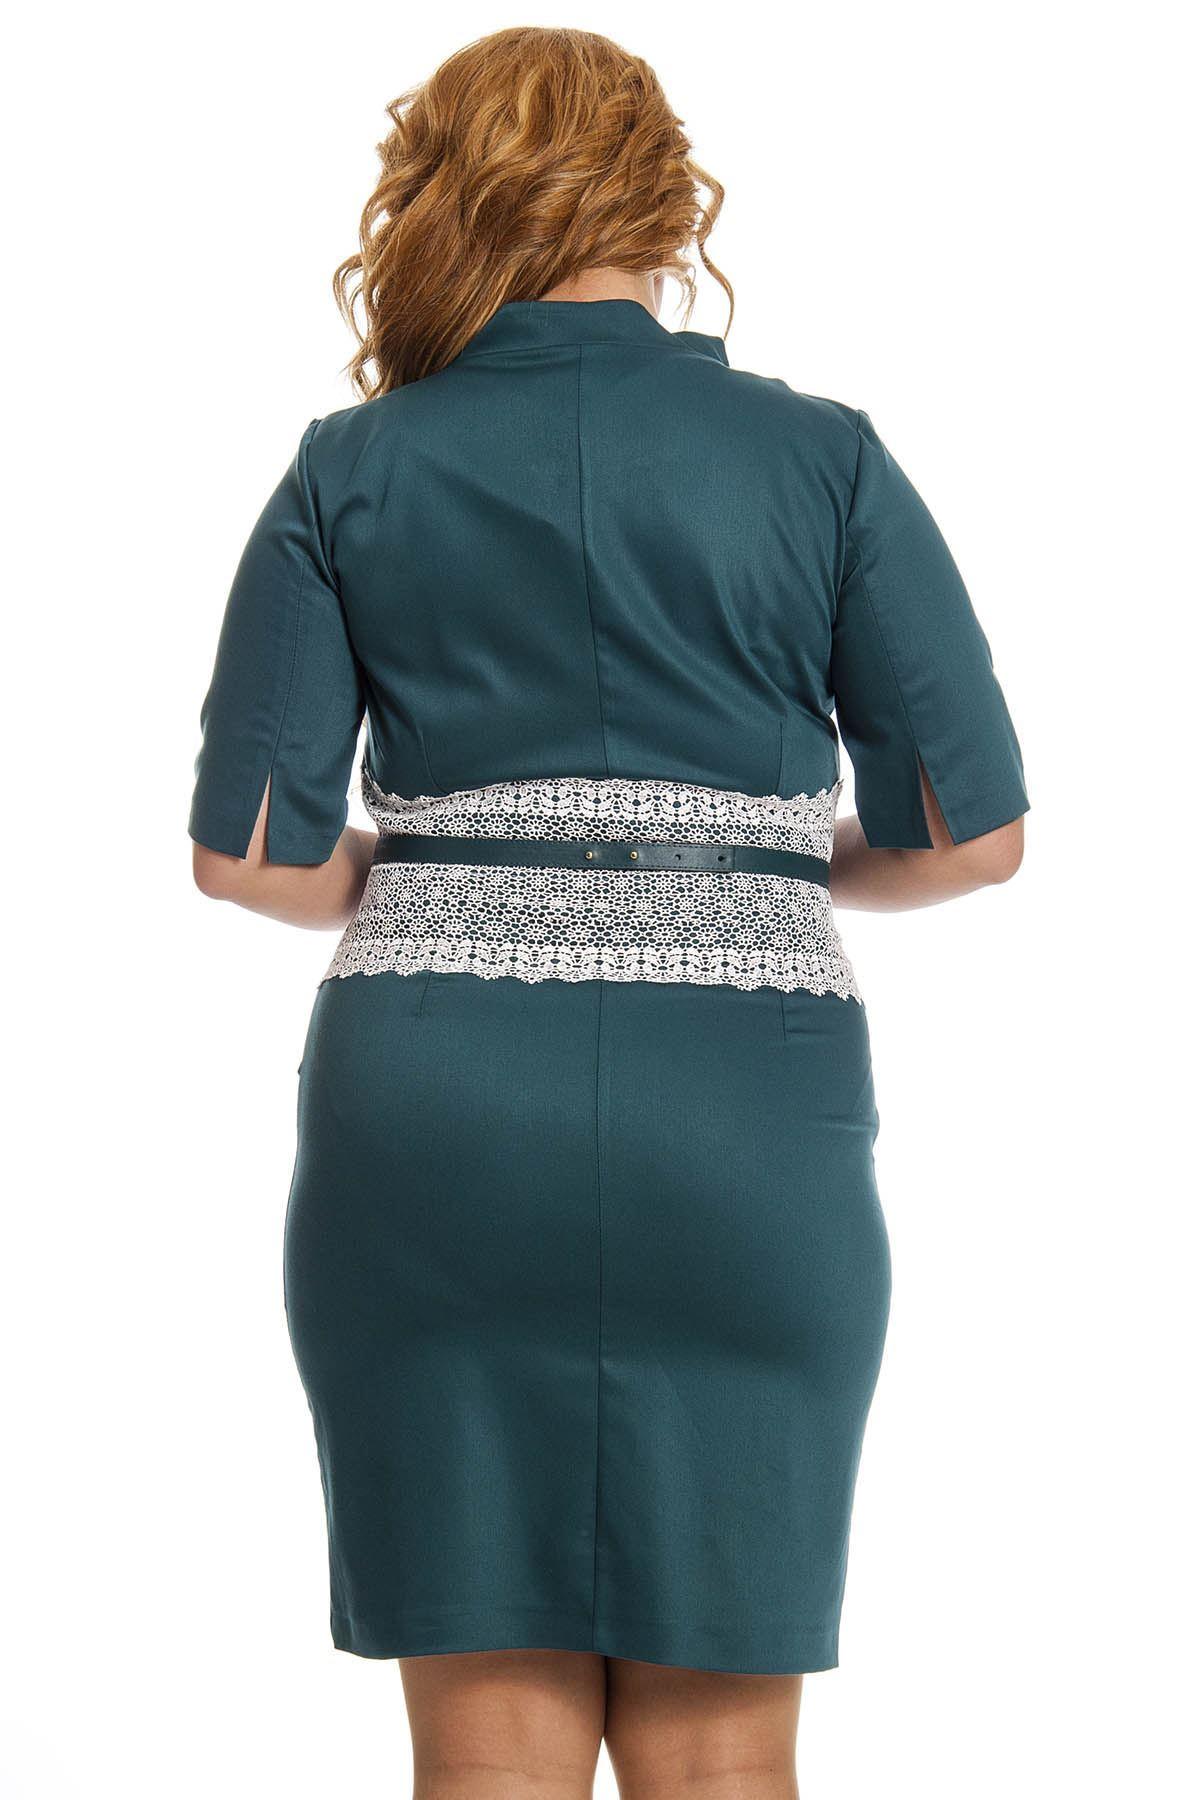 Büyük Beden Yeşil Dantel Detaylı Kadın Elbise G1-123038